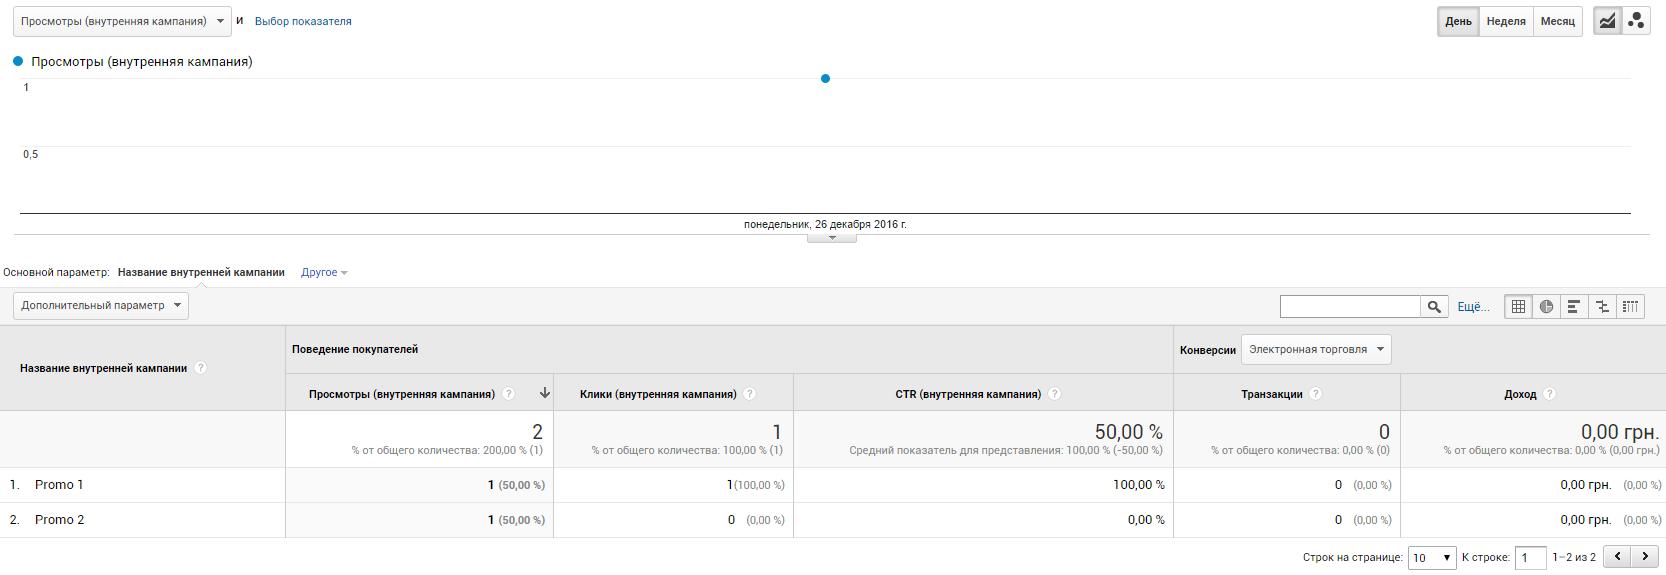 После отправки этих данных в отчете «Маркетинг» — «Внутренняя кампания» изменятся значения показателей «Клики (внутренняя кампания)» и «CTR (внутренняя кампания)»